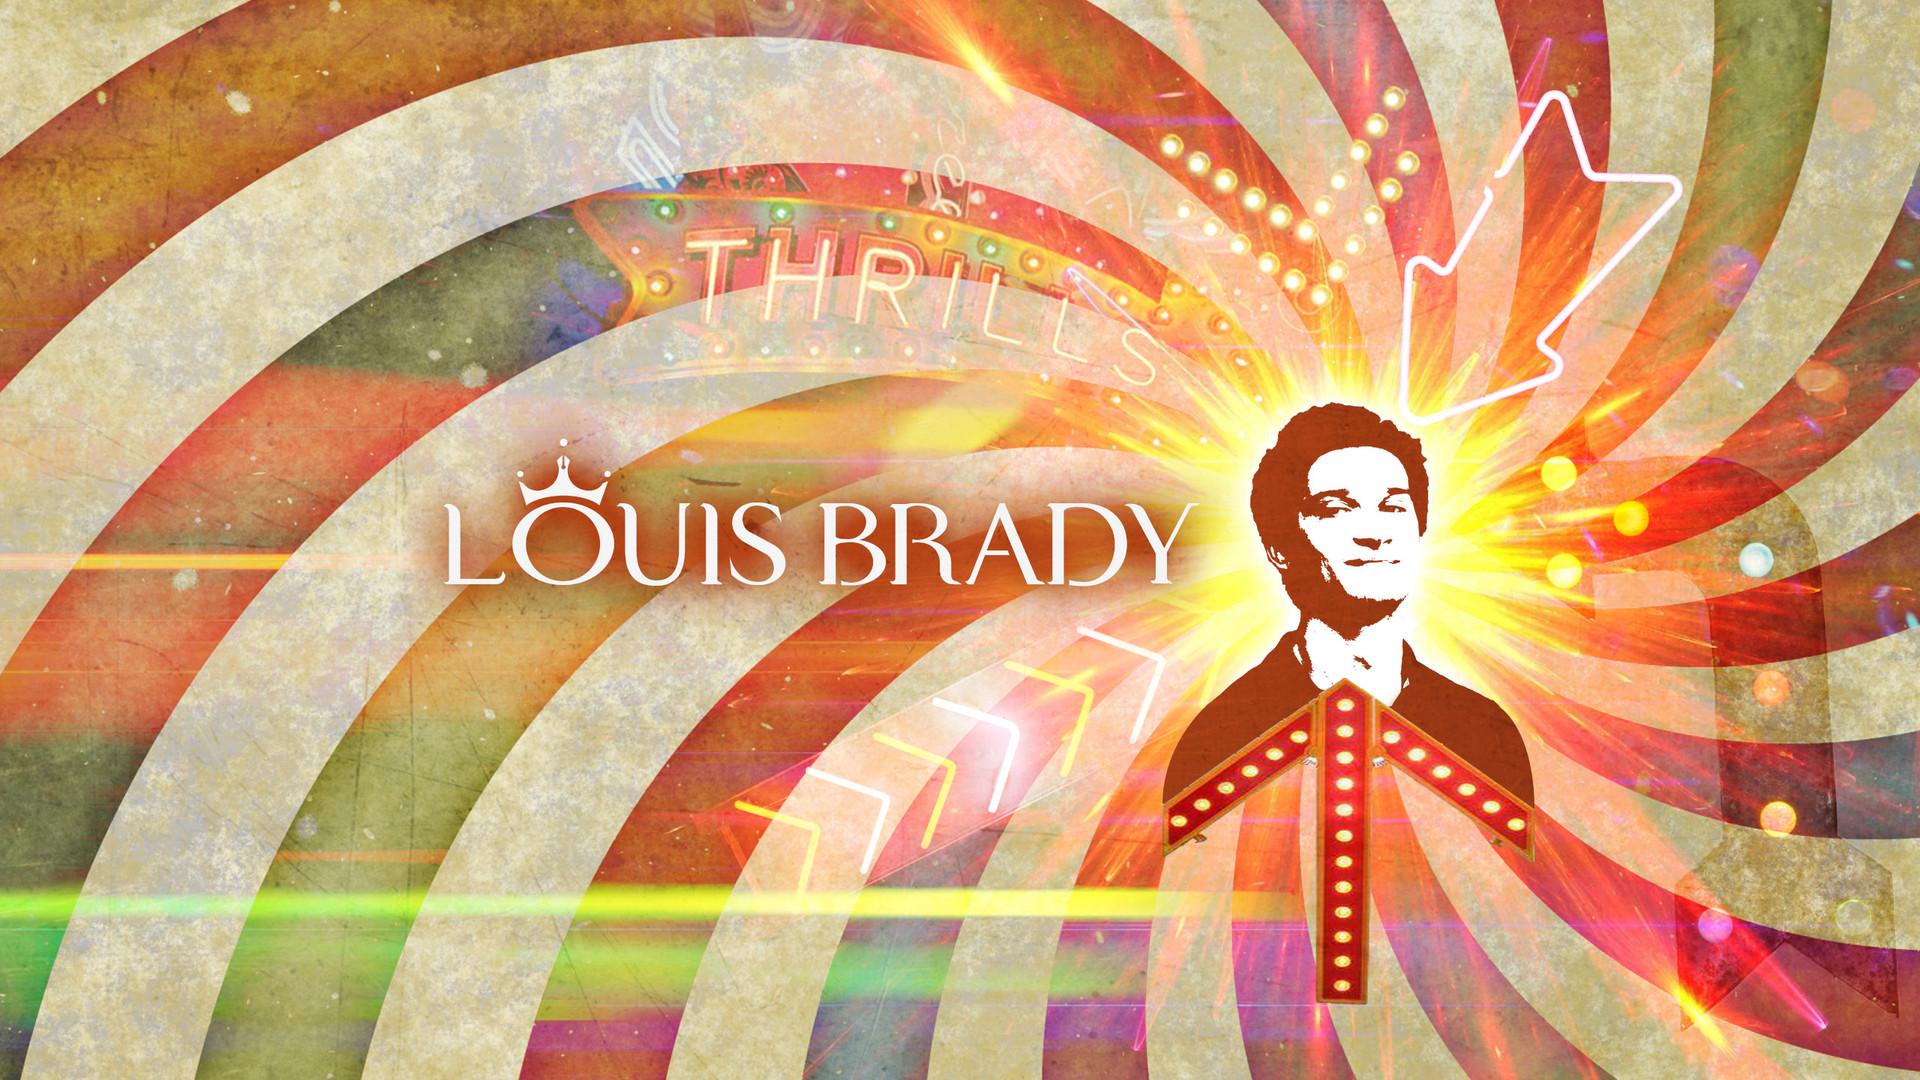 Louis Brady